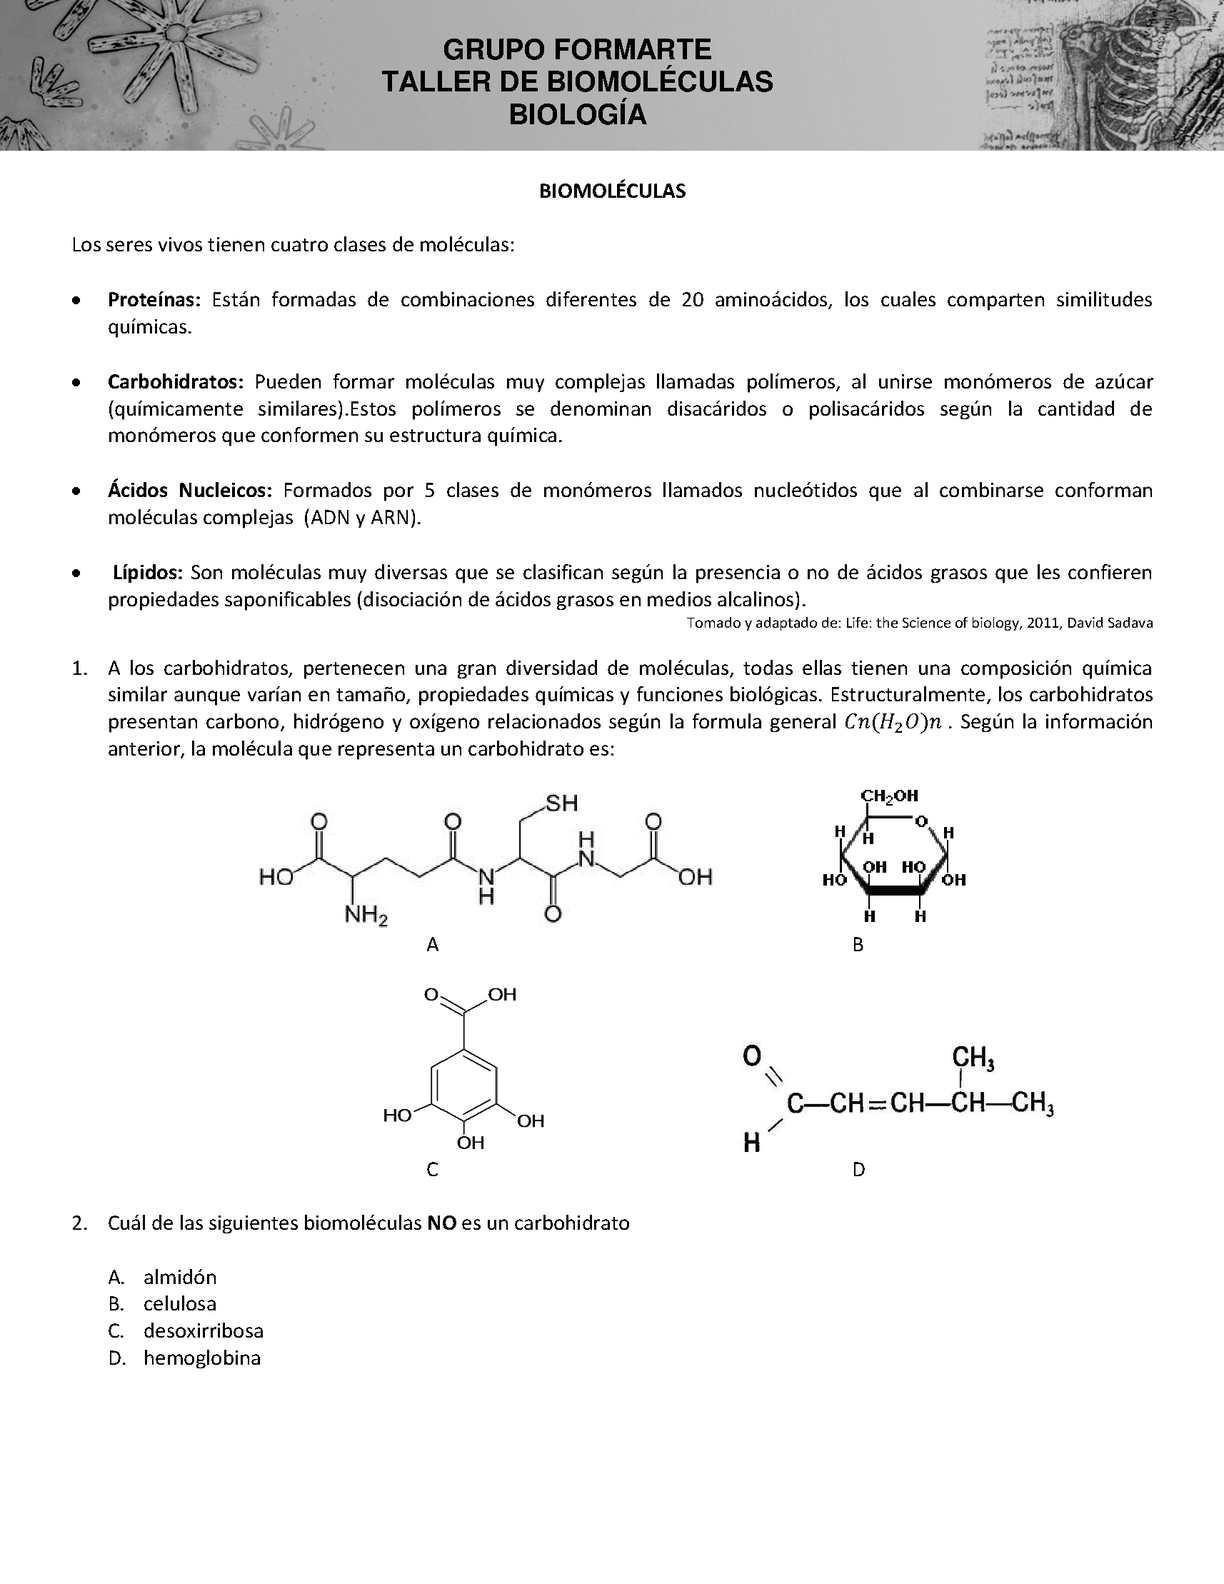 Calaméo Taller 1 Biologia